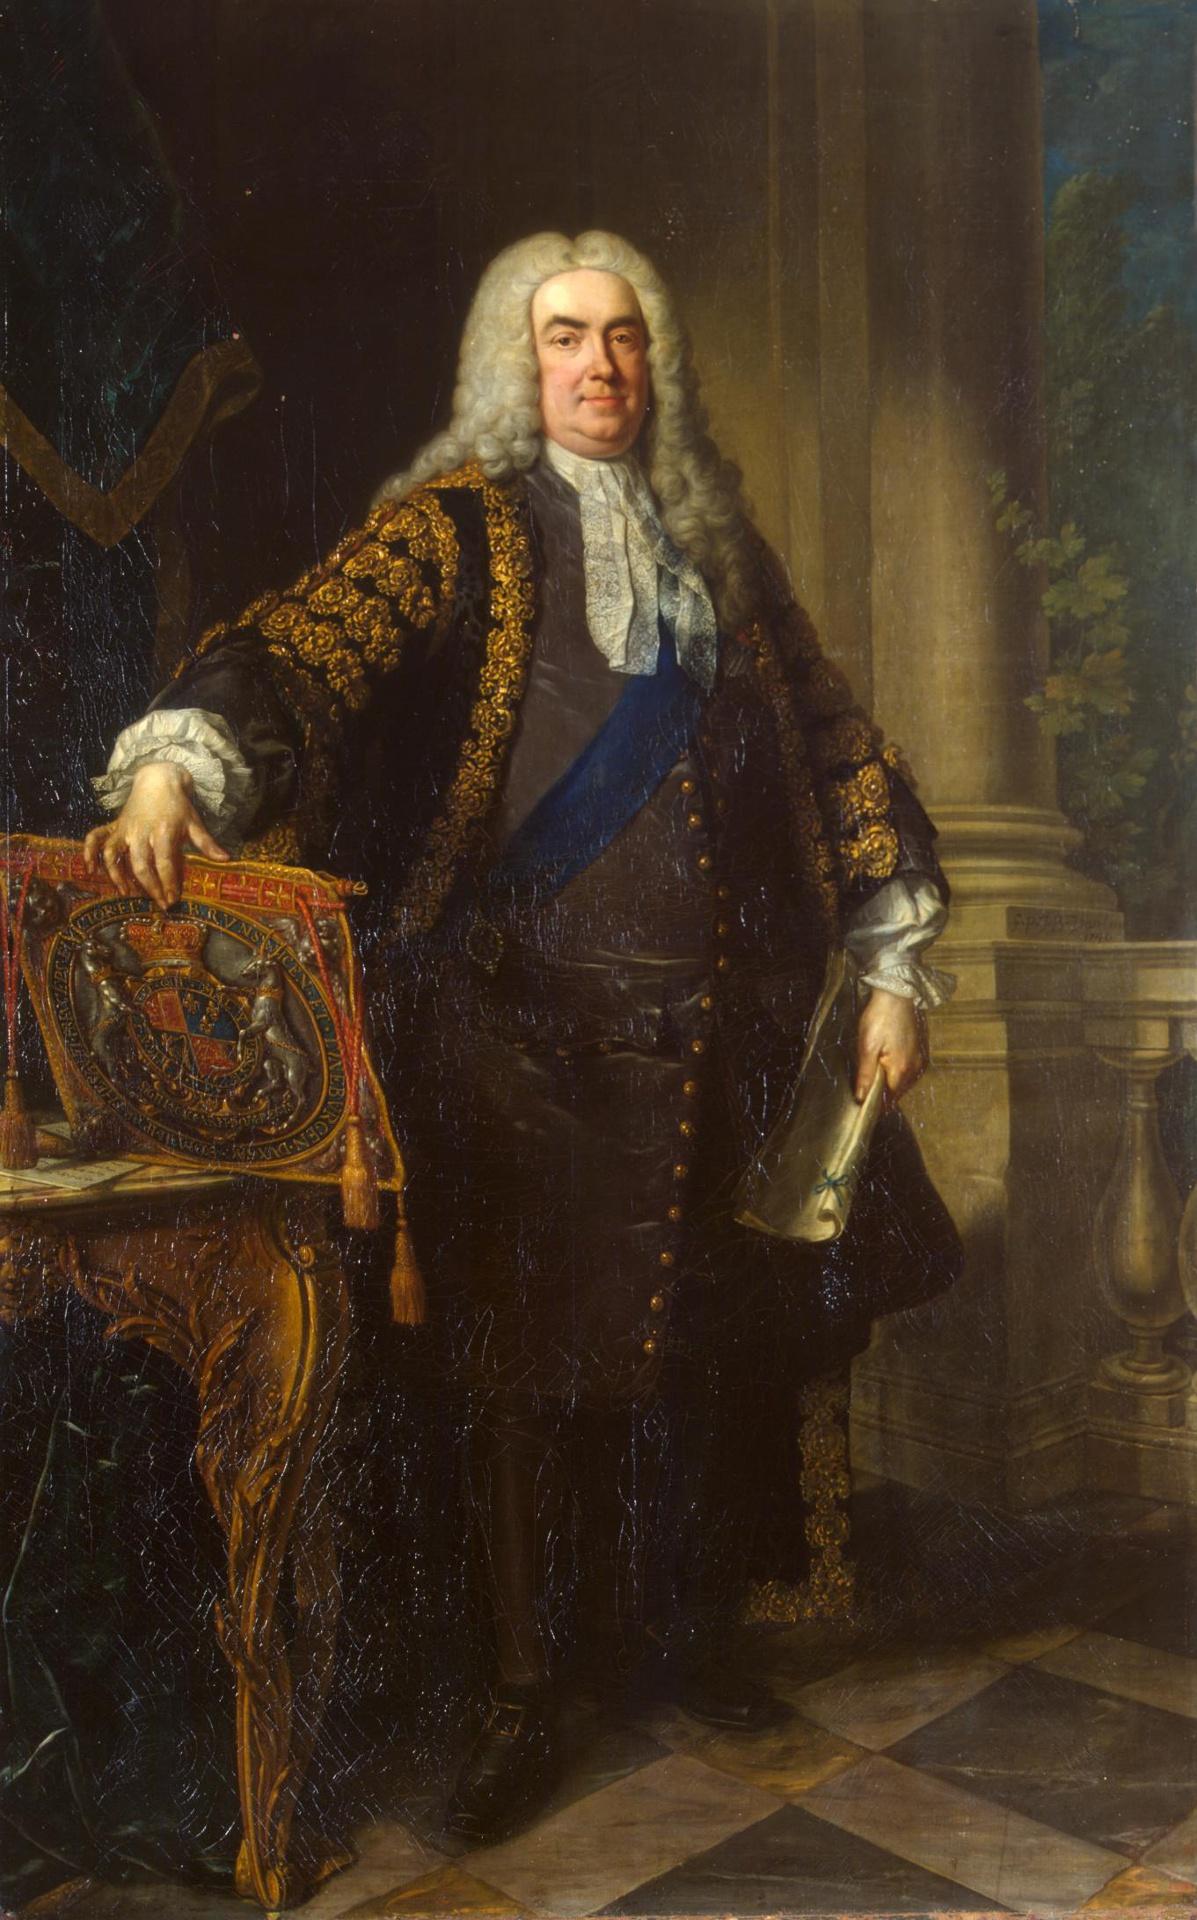 Премьер-министр сэр Роберт Уолпол (1676 — 1745)